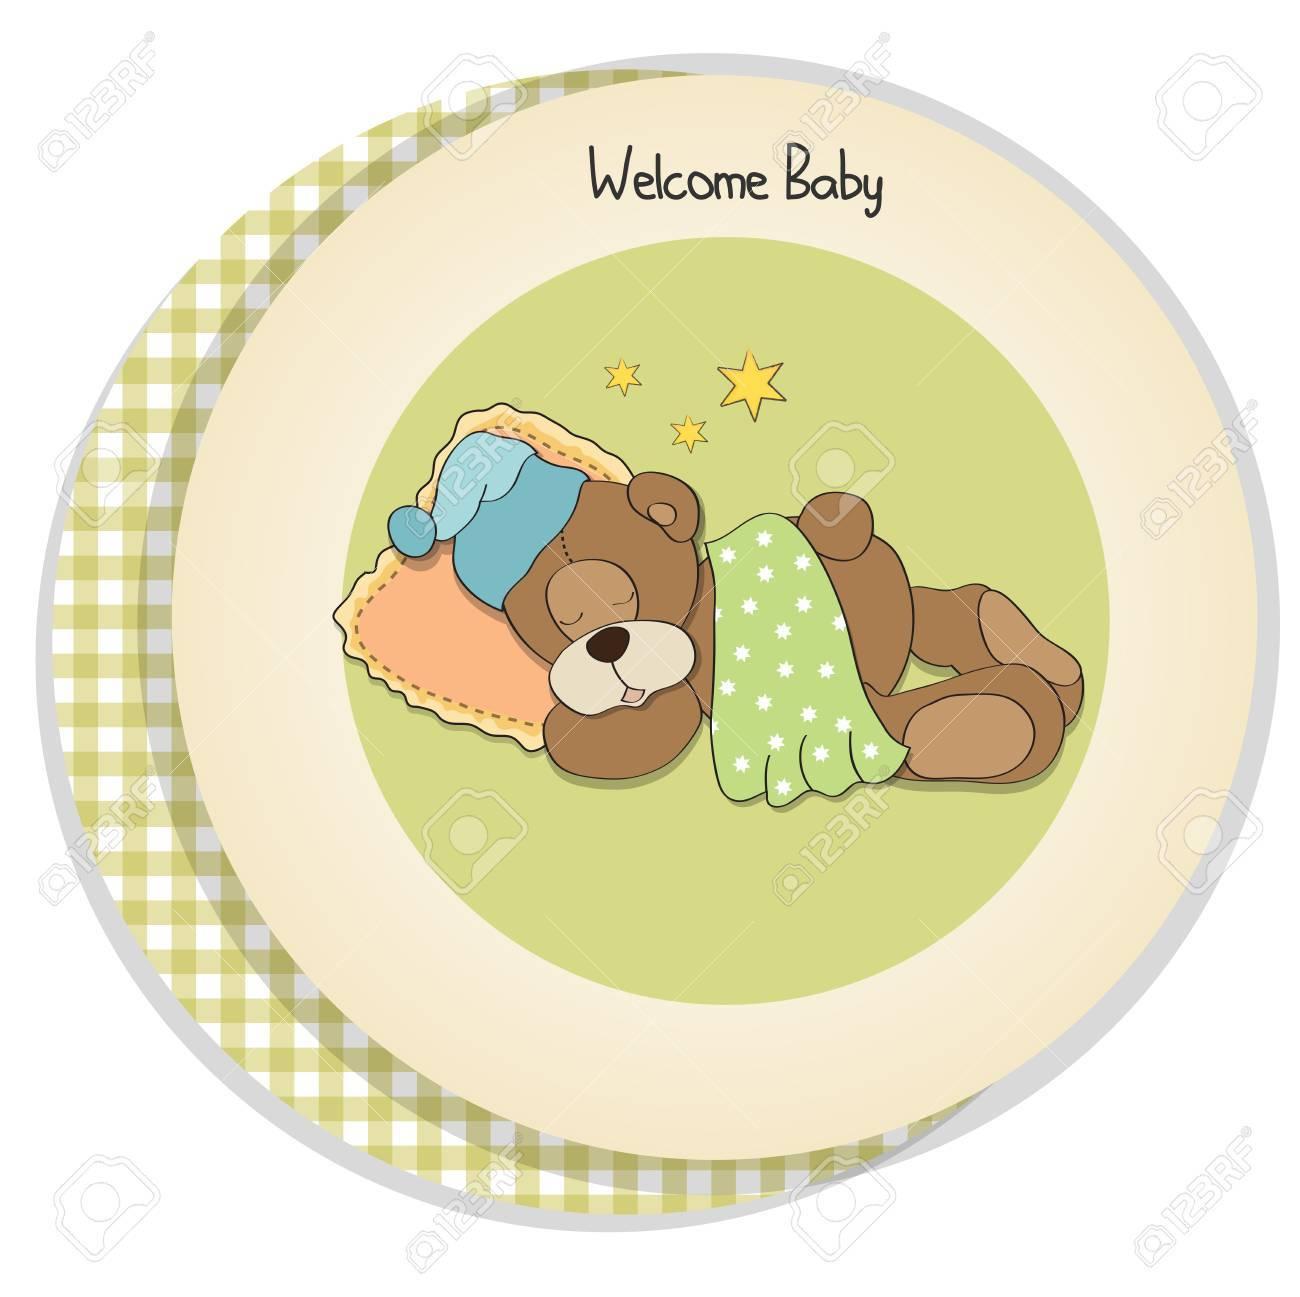 baby shower card with sleeping teddy bear Stock Vector - 17671322